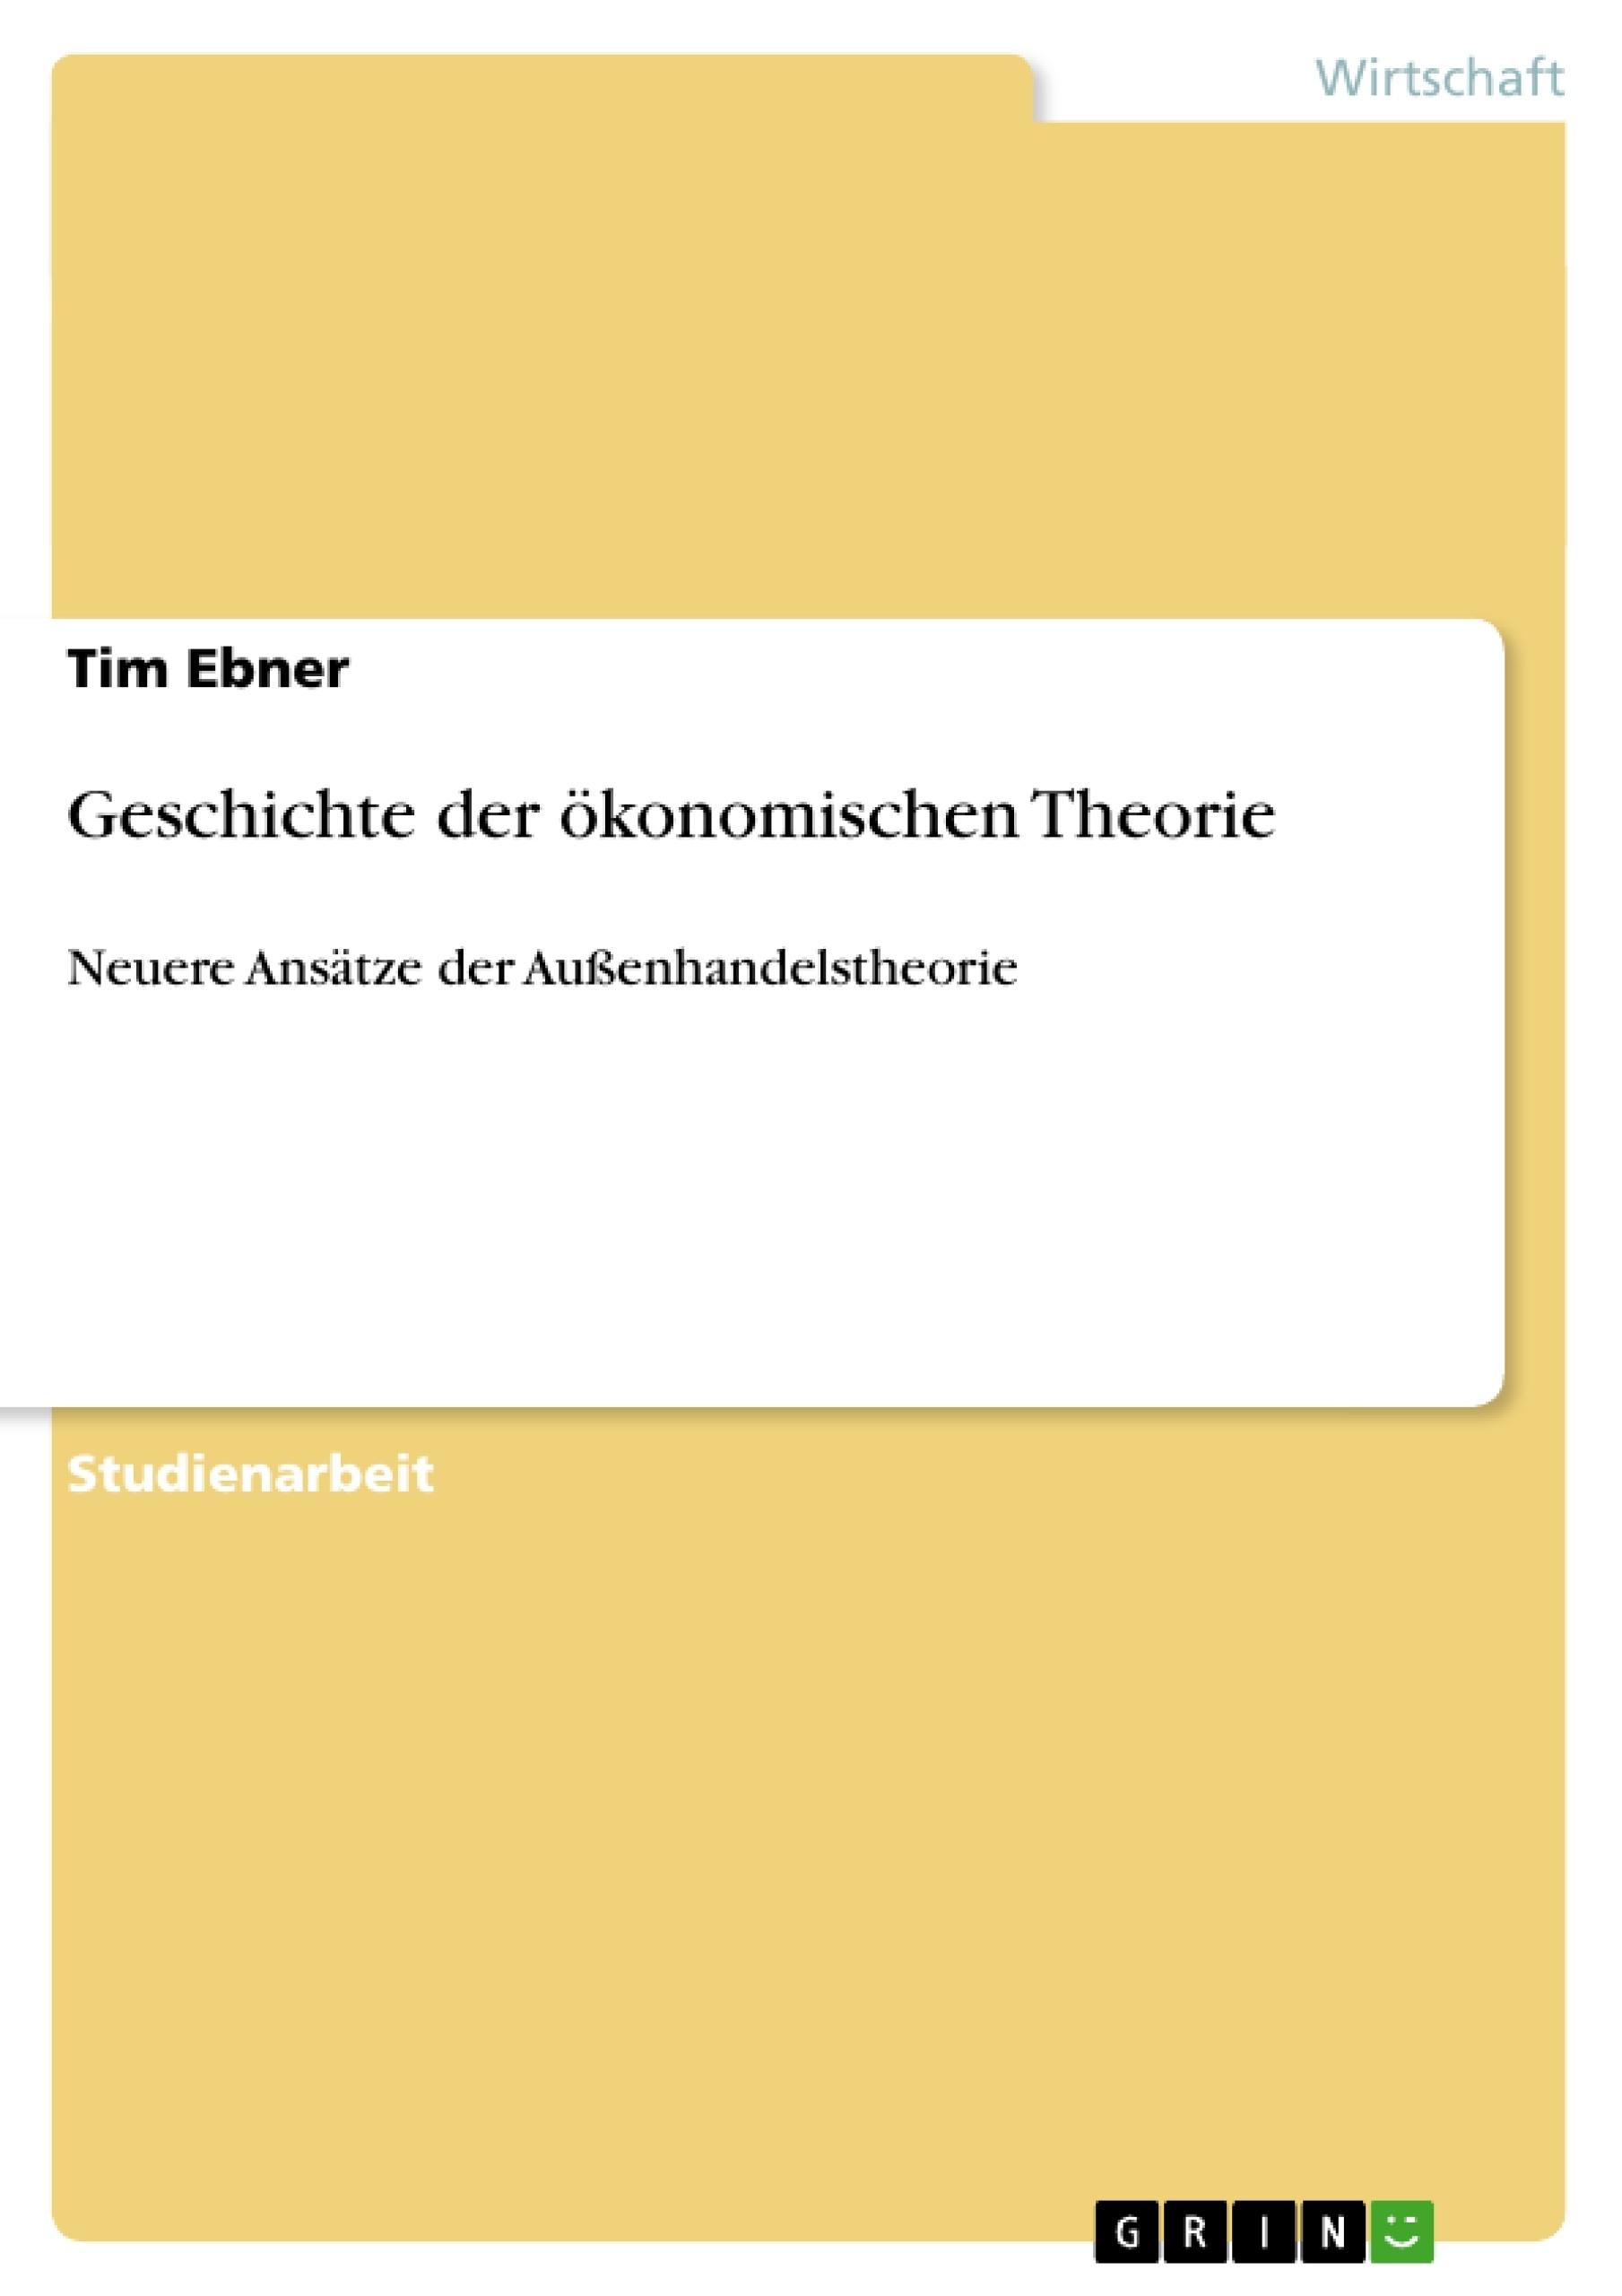 Titel: Geschichte der ökonomischen Theorie